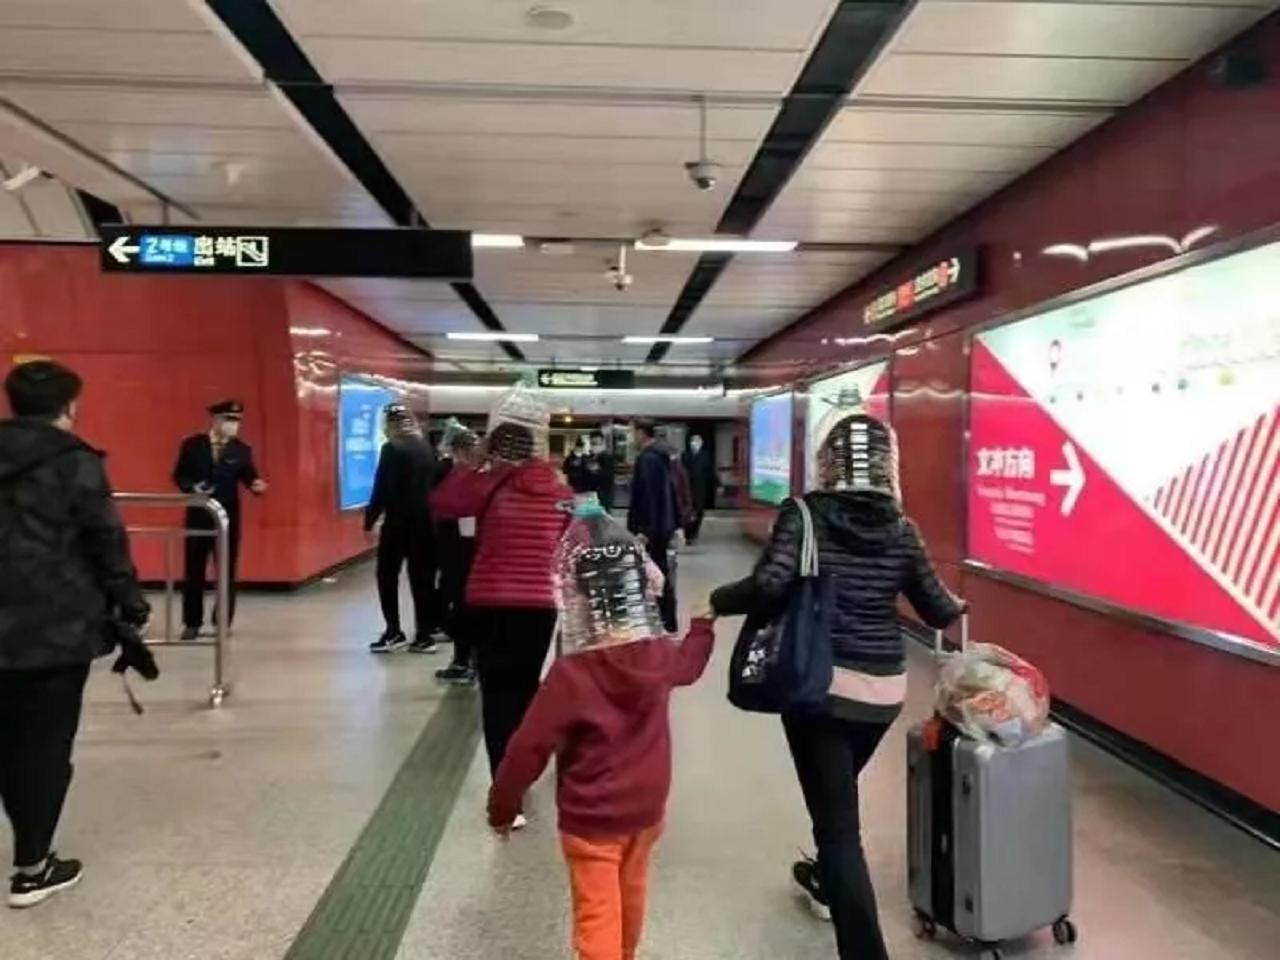 5人戴著塑膠水桶製成的自製面罩搭乘地鐵,並經廣州地鐵證實確有此事。取自微信公眾平台/信息日報